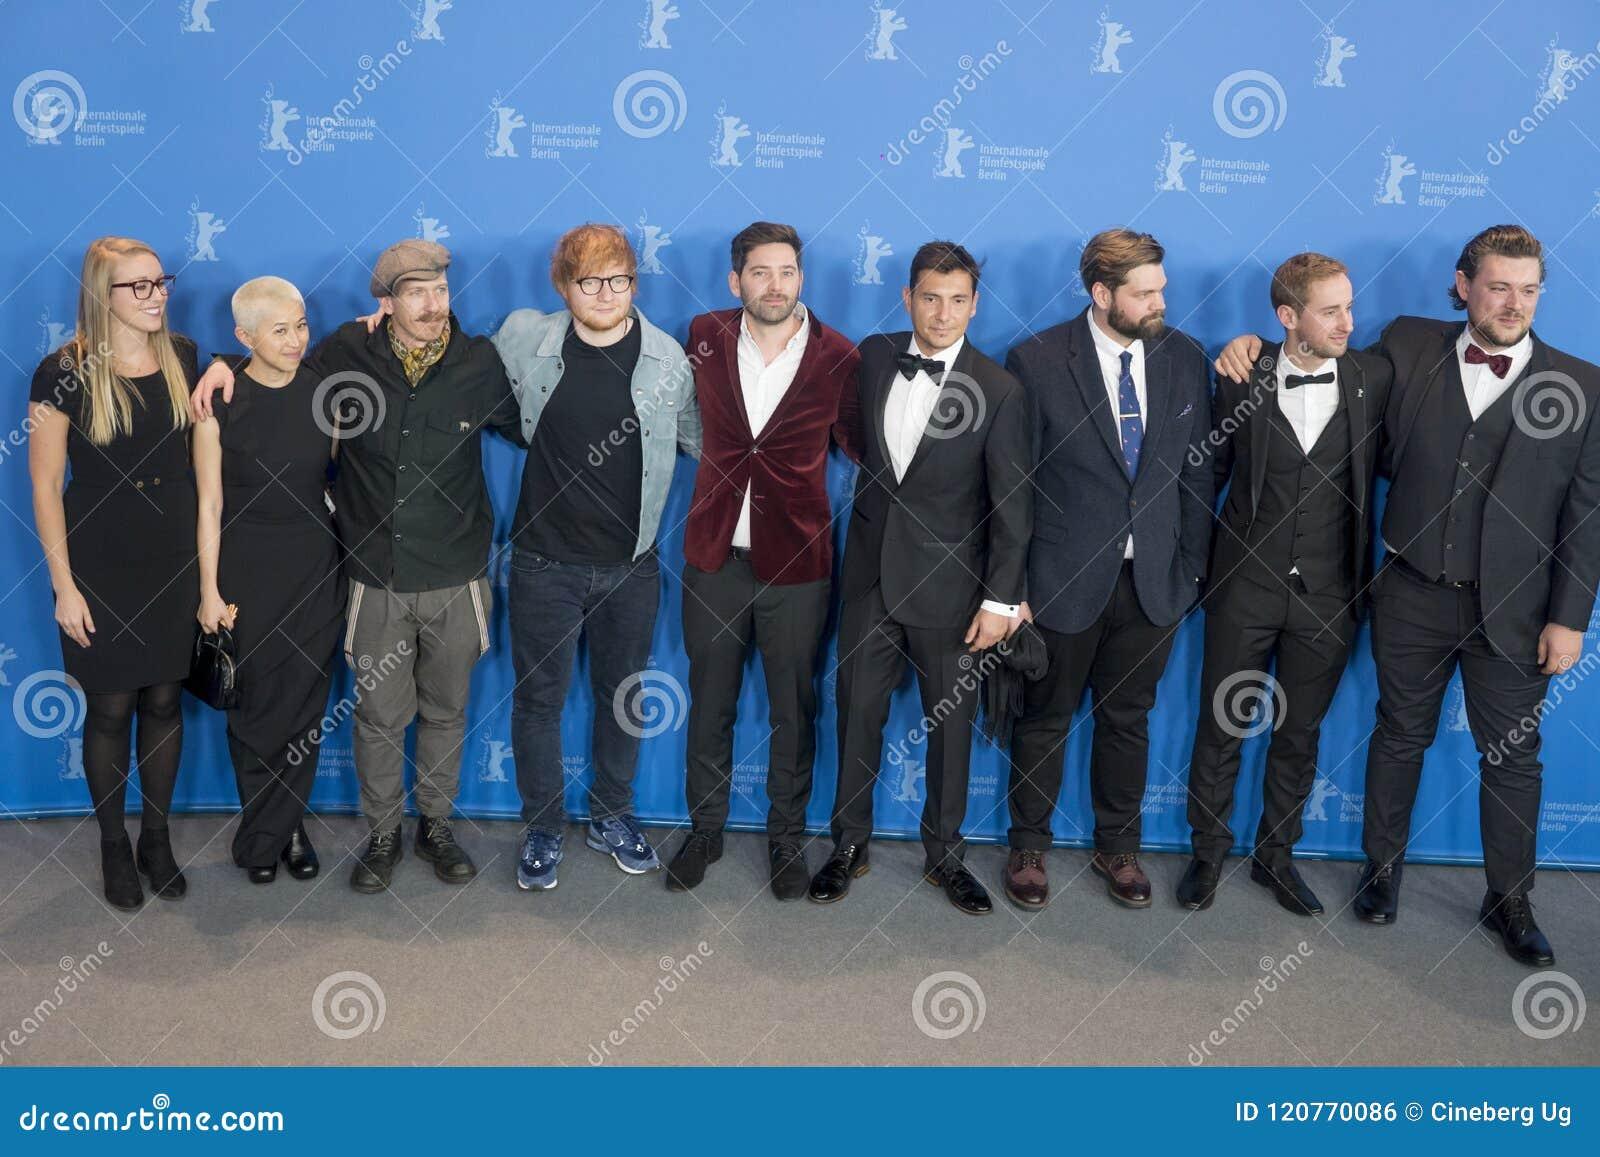 Appell för foto för `-låtskrivare` under den 68th Berlinale festivalen 2018